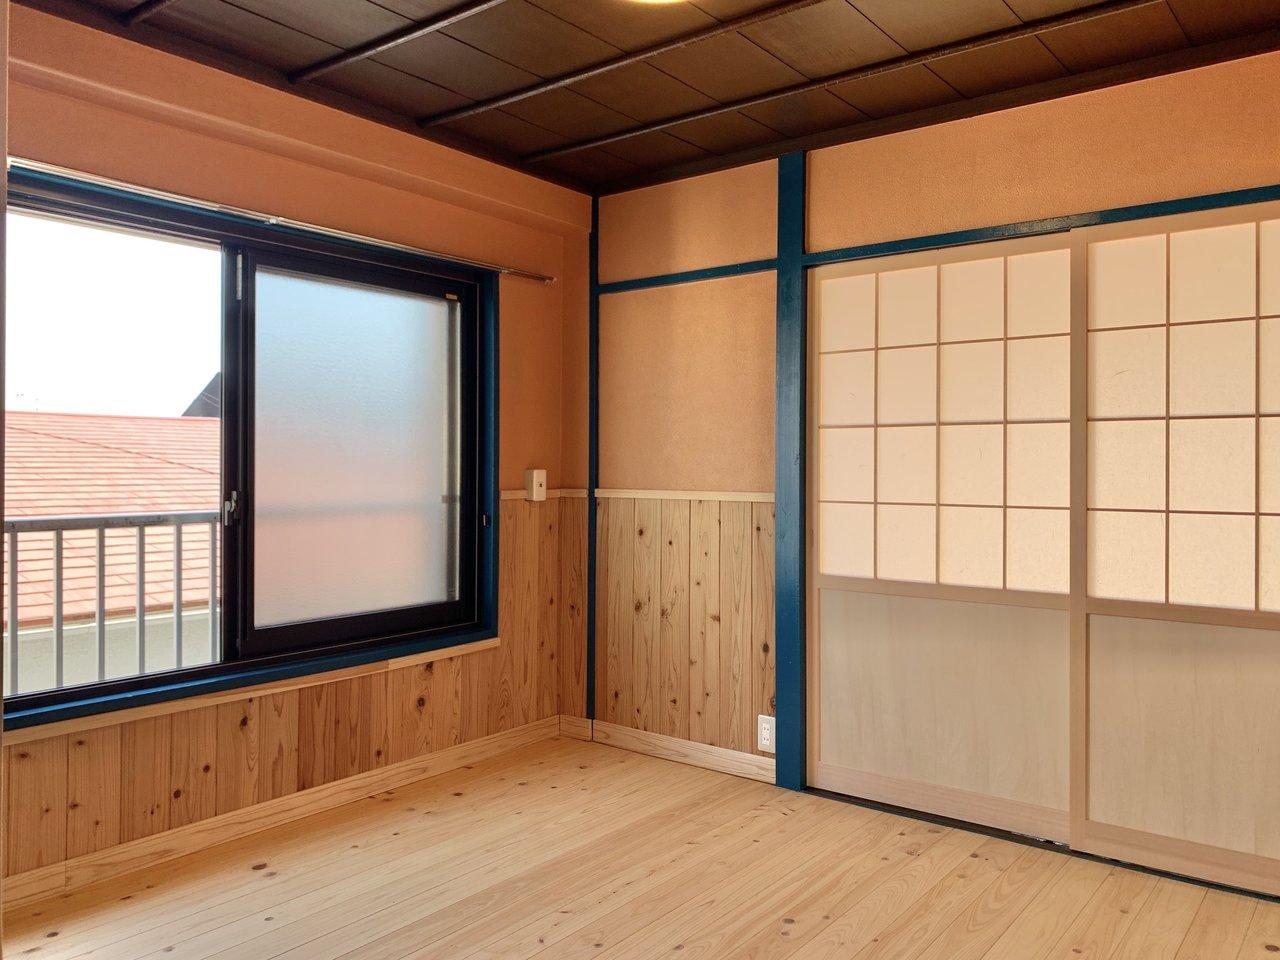 元々は和のテイストだったお部屋を大胆にリノベーション。畳ではなくヒノキの無垢材を使用した床になりました。まさに和と洋の融合!